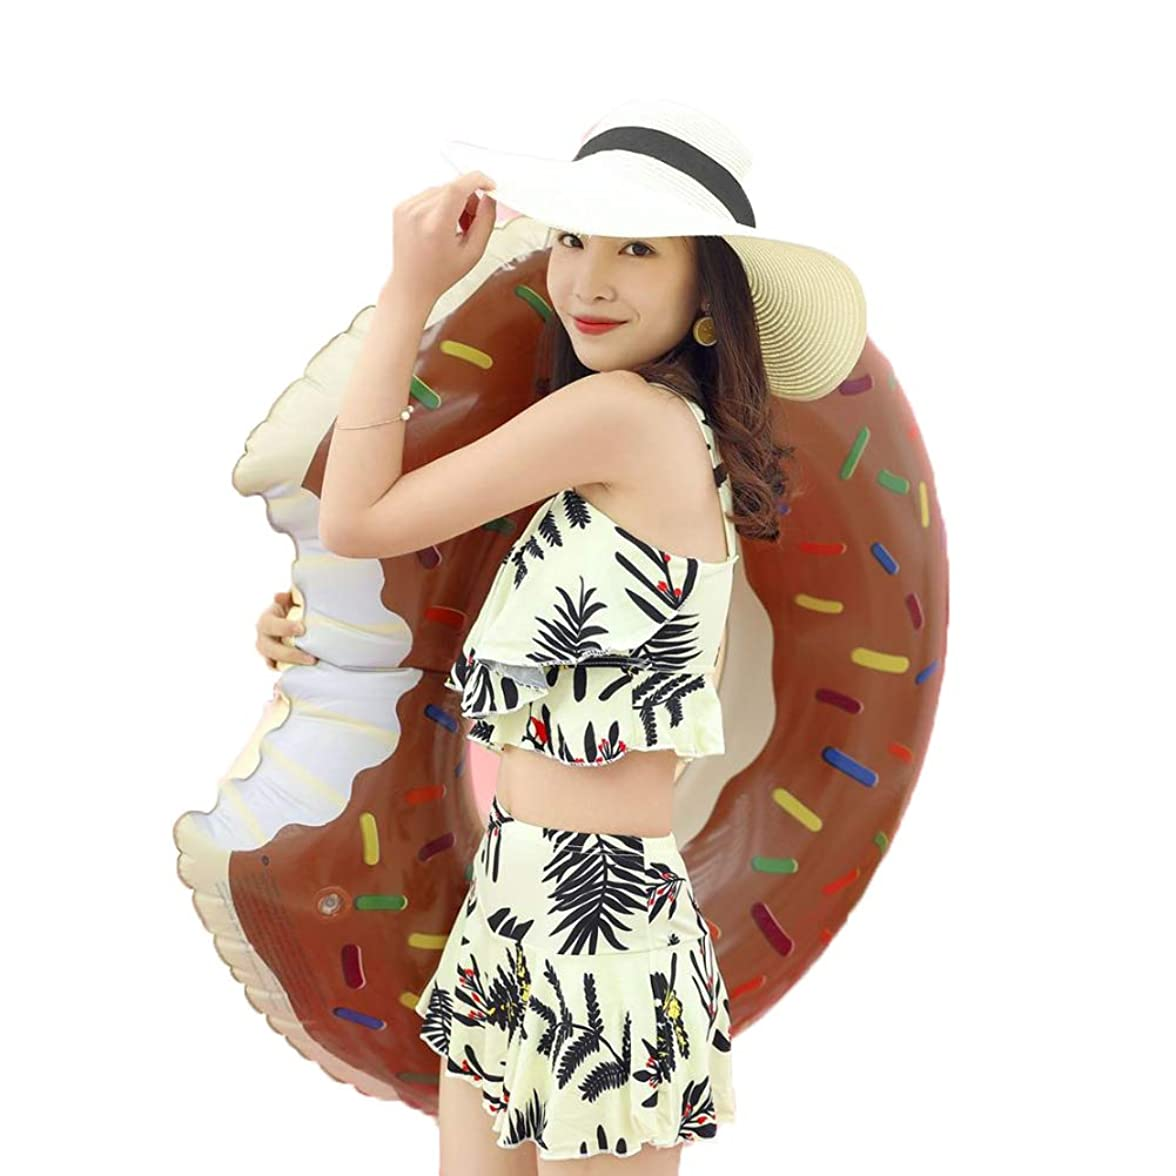 全国うぬぼれたお気に入り浮輪 浮き輪,大人の子供プールビーチに適したインフレータブルドーナツチューブプールフローティングマルチサイズフローティングおもちゃ